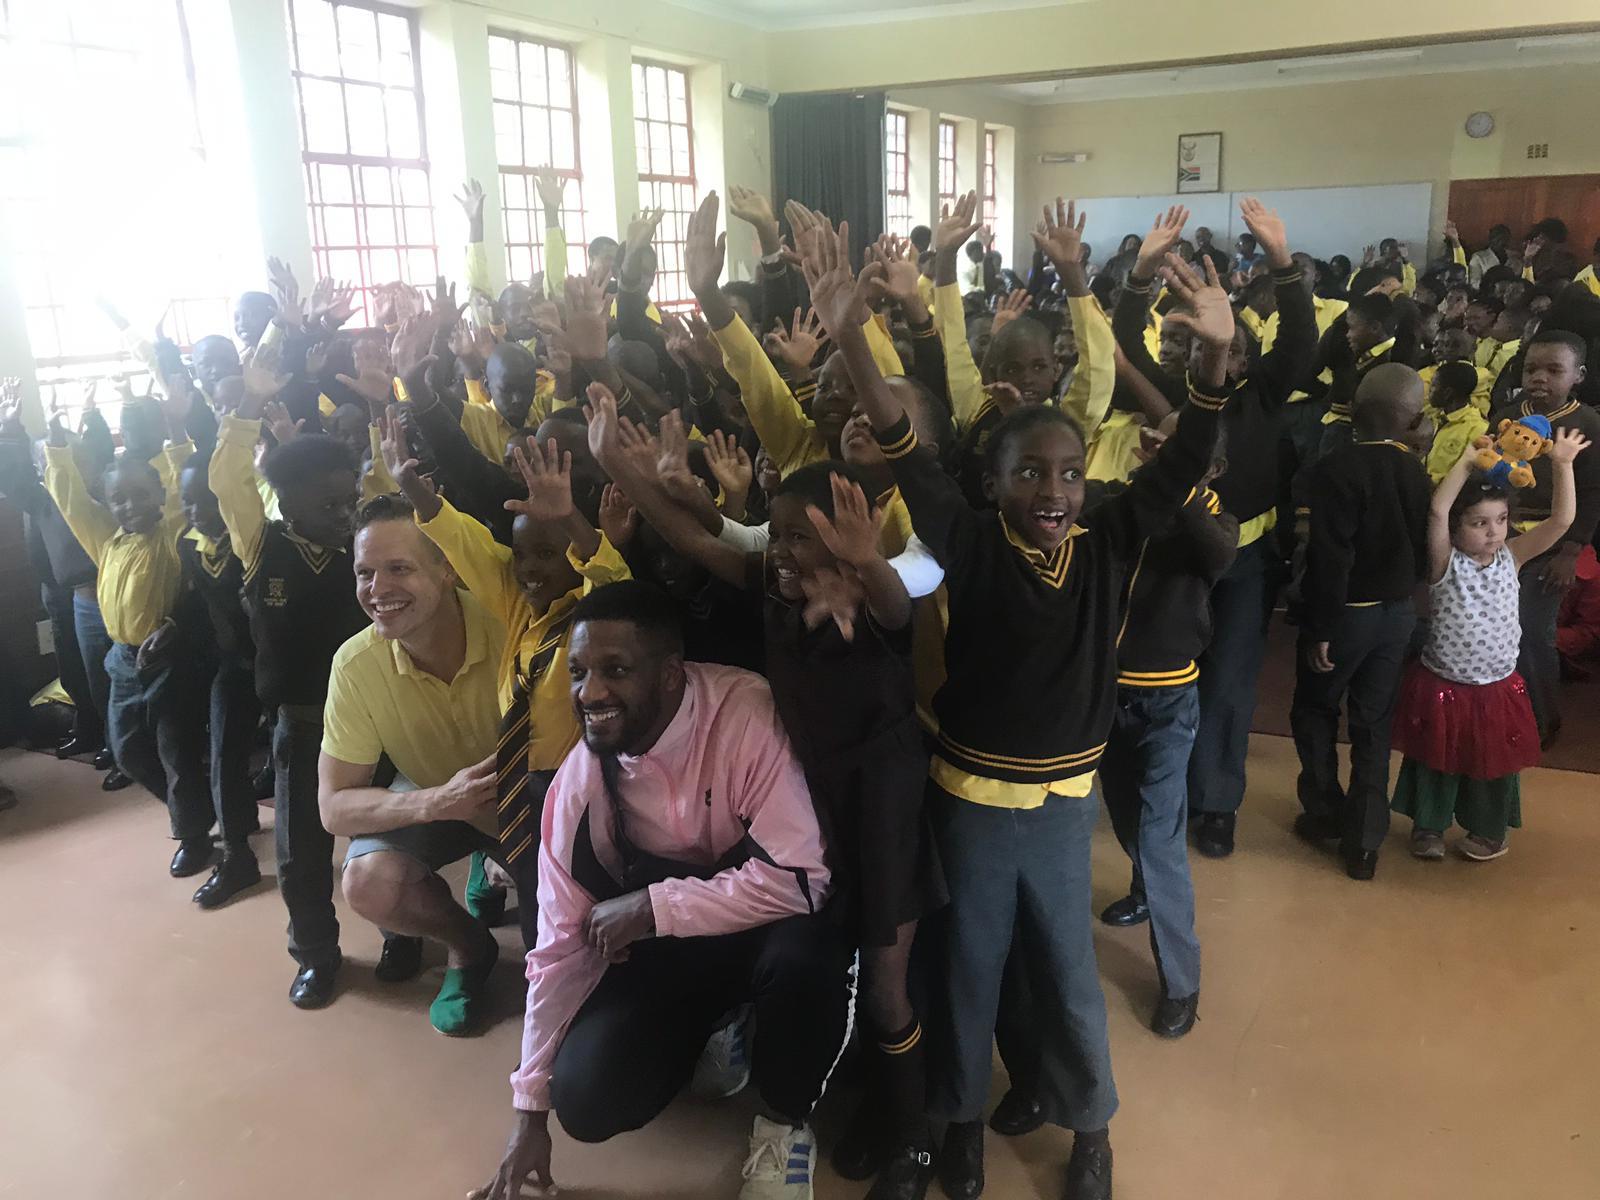 Signmarkin ja Adam Tenstan riemukas vierailu Sizwilen kuurojen koulussa Sowetossa. Kuva: Maria Autio